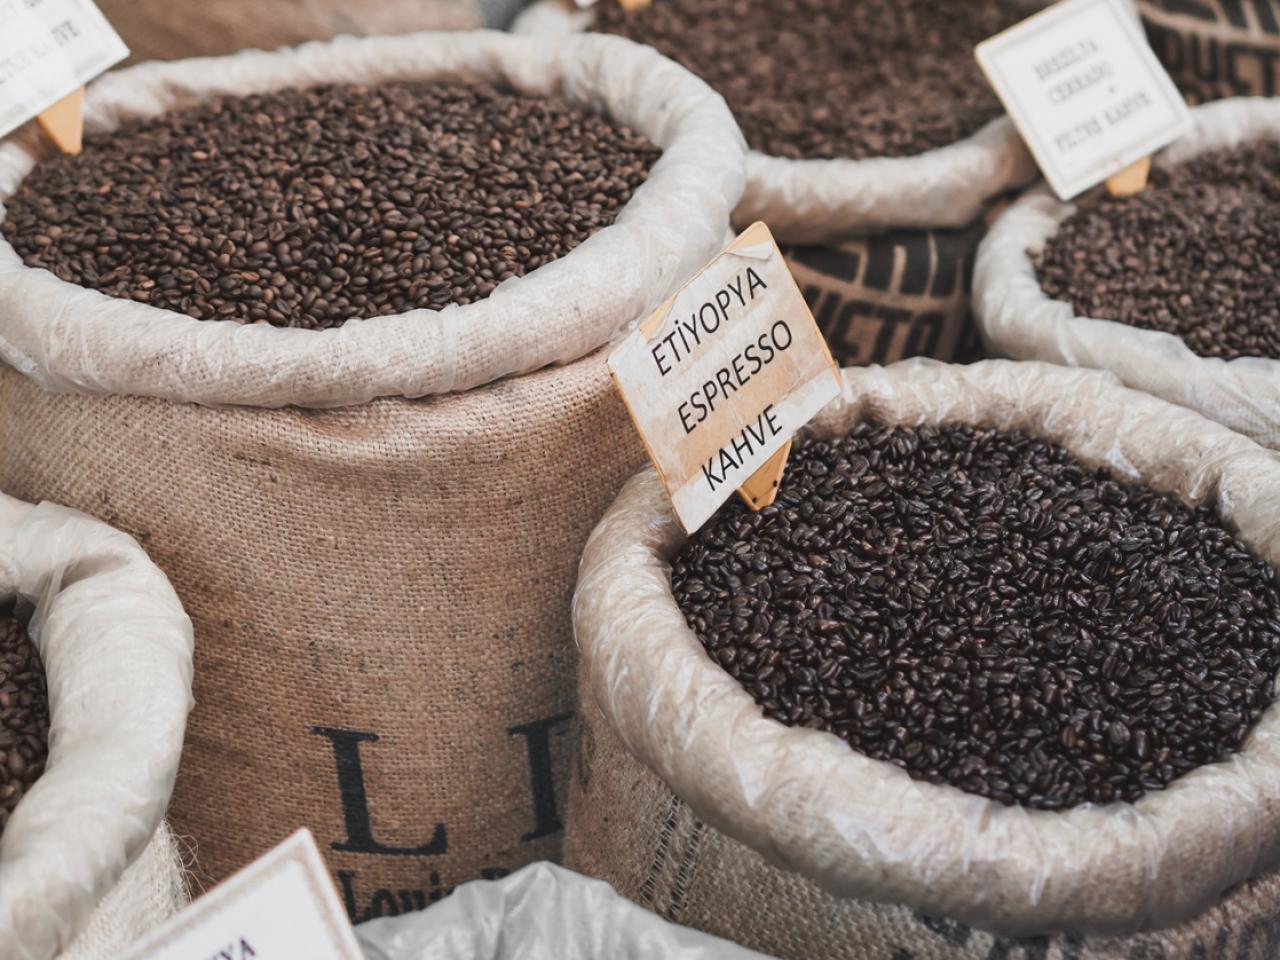 Koffiebonen van over de hele wereld voor koffie op kantoor